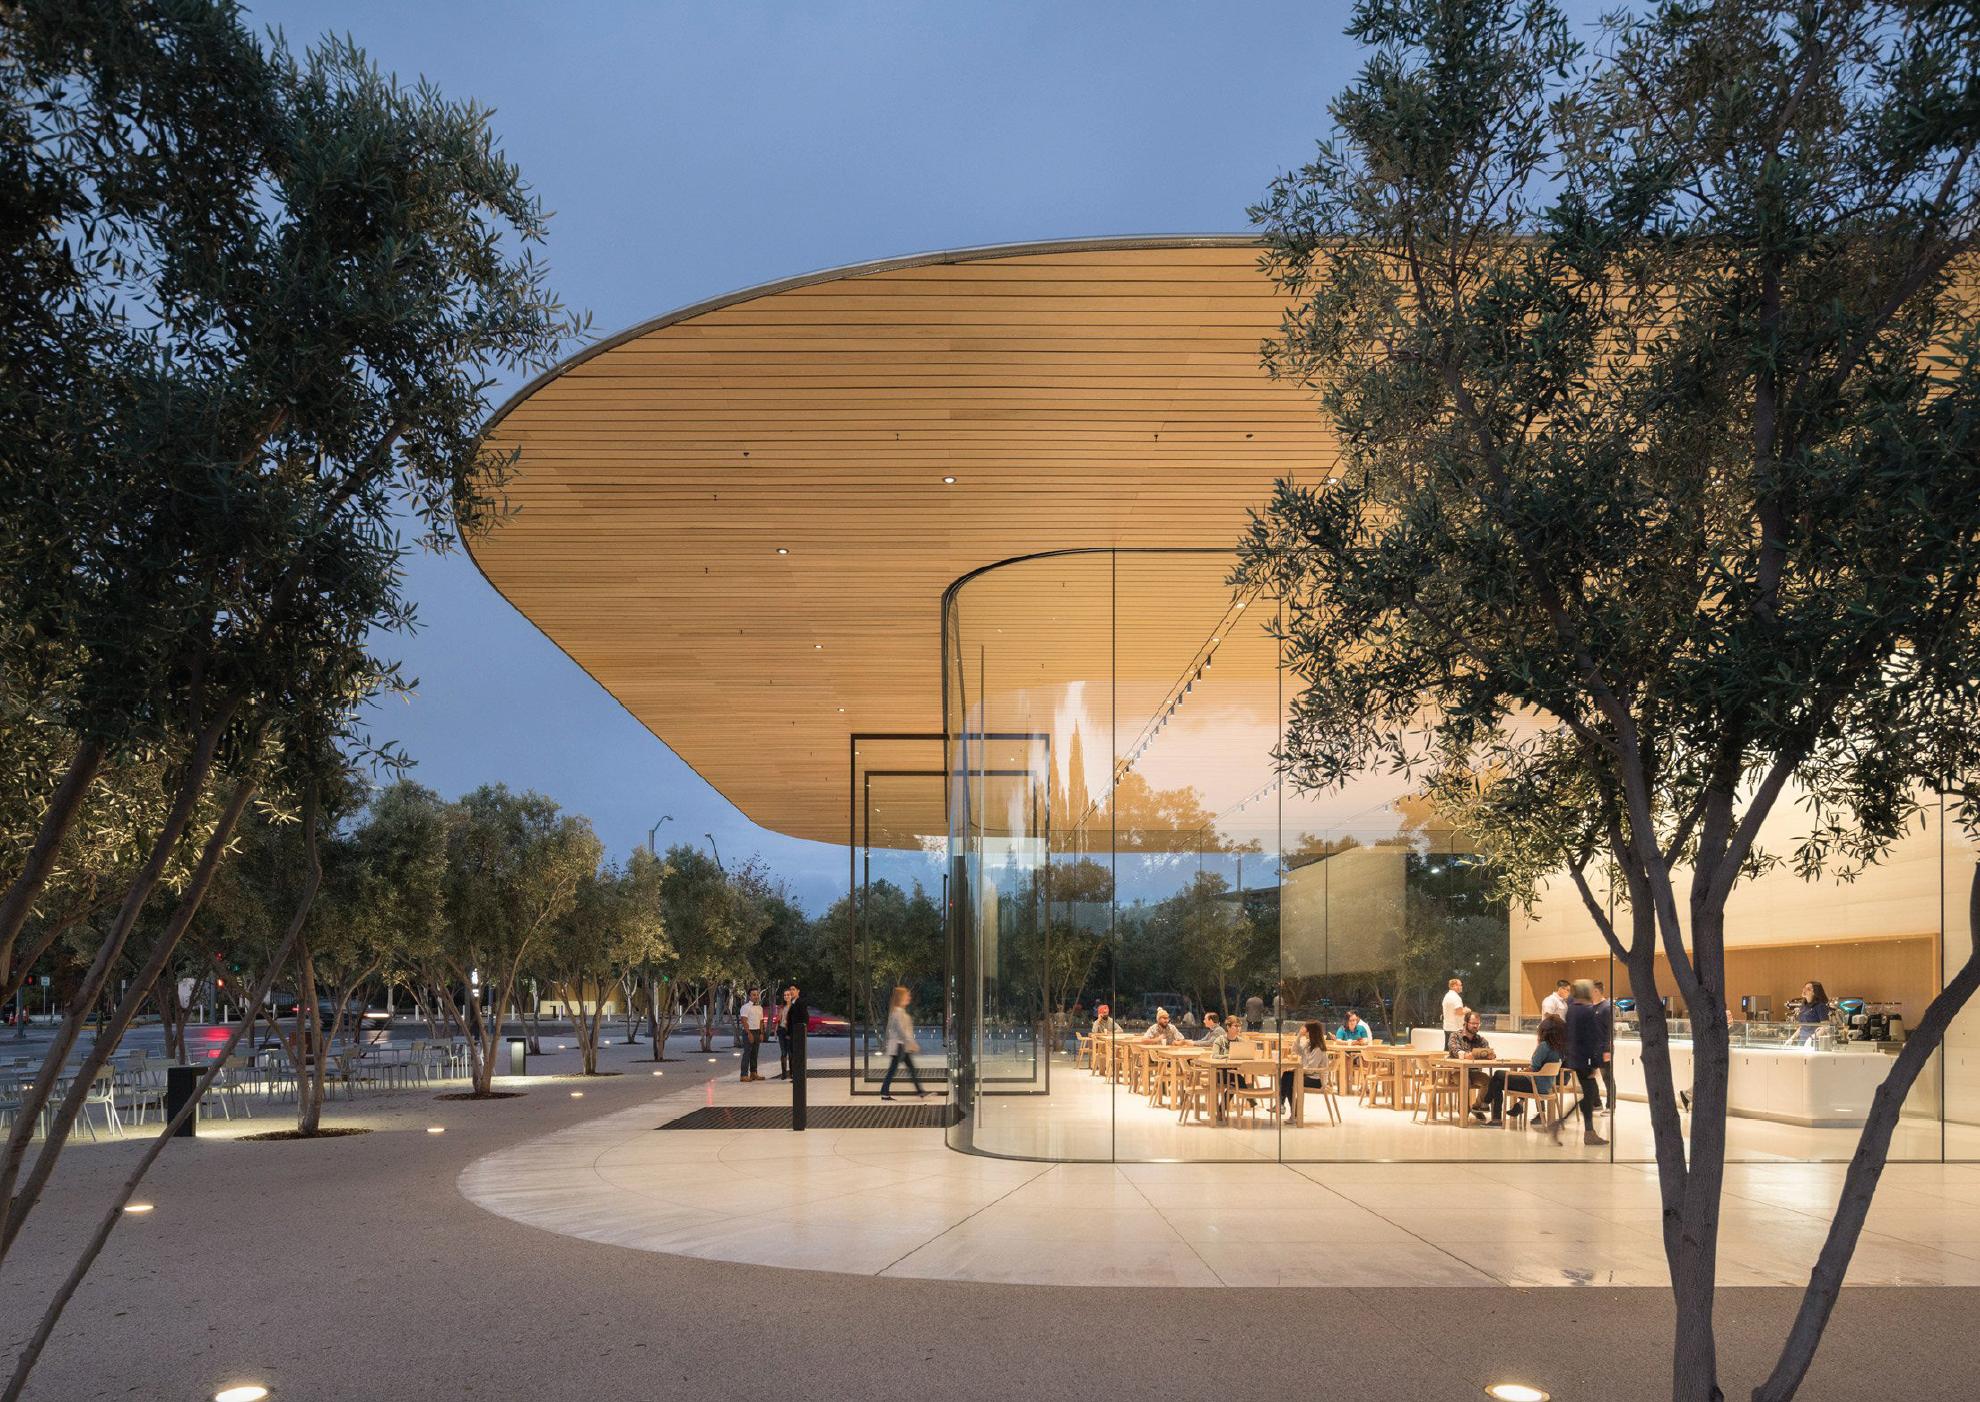 Как будут выглядеть общественные пространства после пандемии